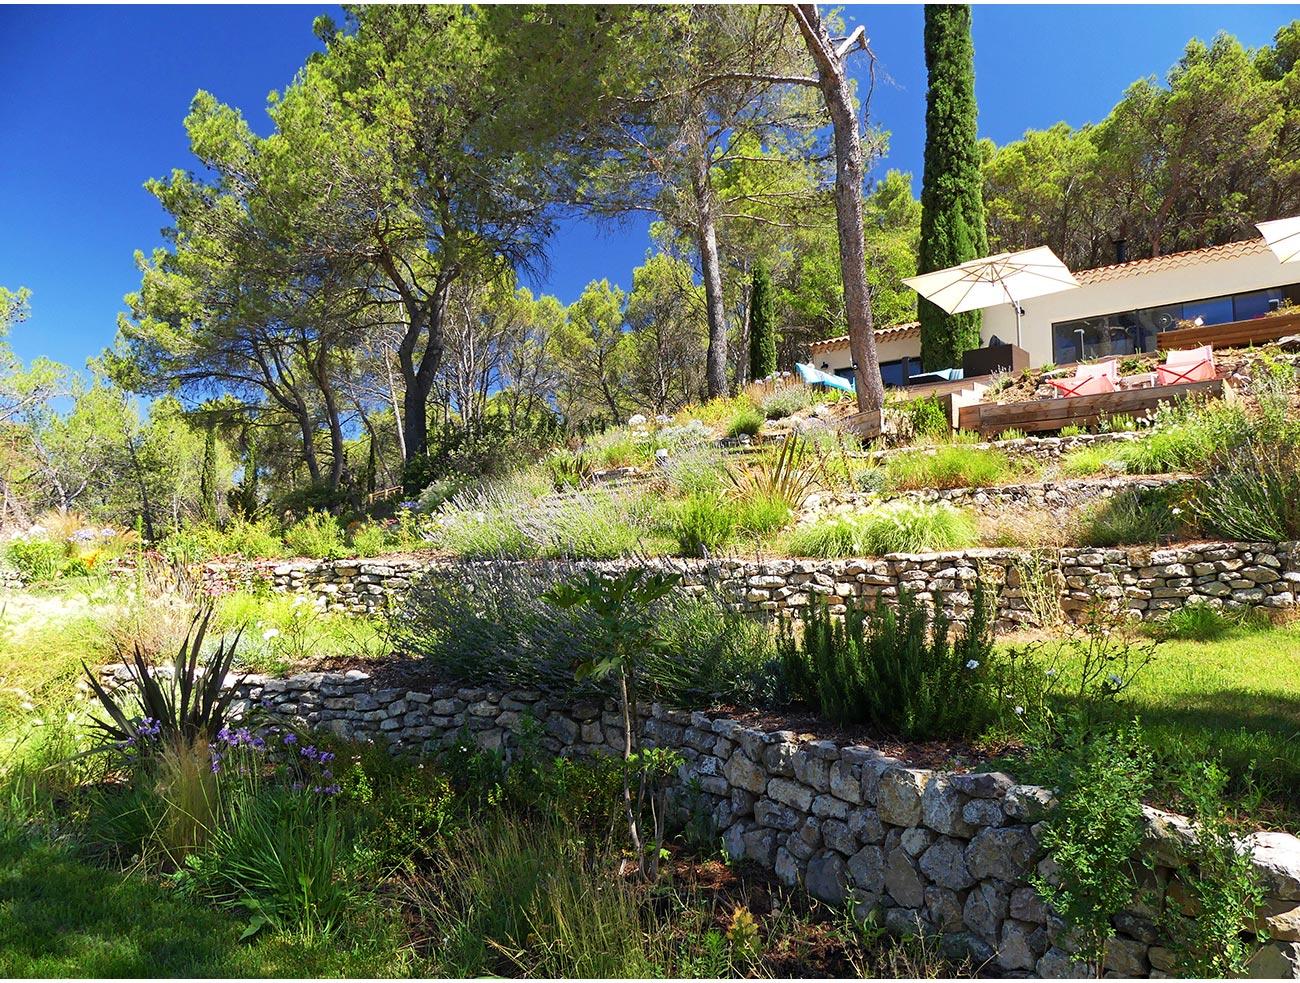 Atelier Naudier - Architecte paysagiste concepteur - Montpellier et Aix en Provence - Jardin en restanque naturaliste - aménagement jardin